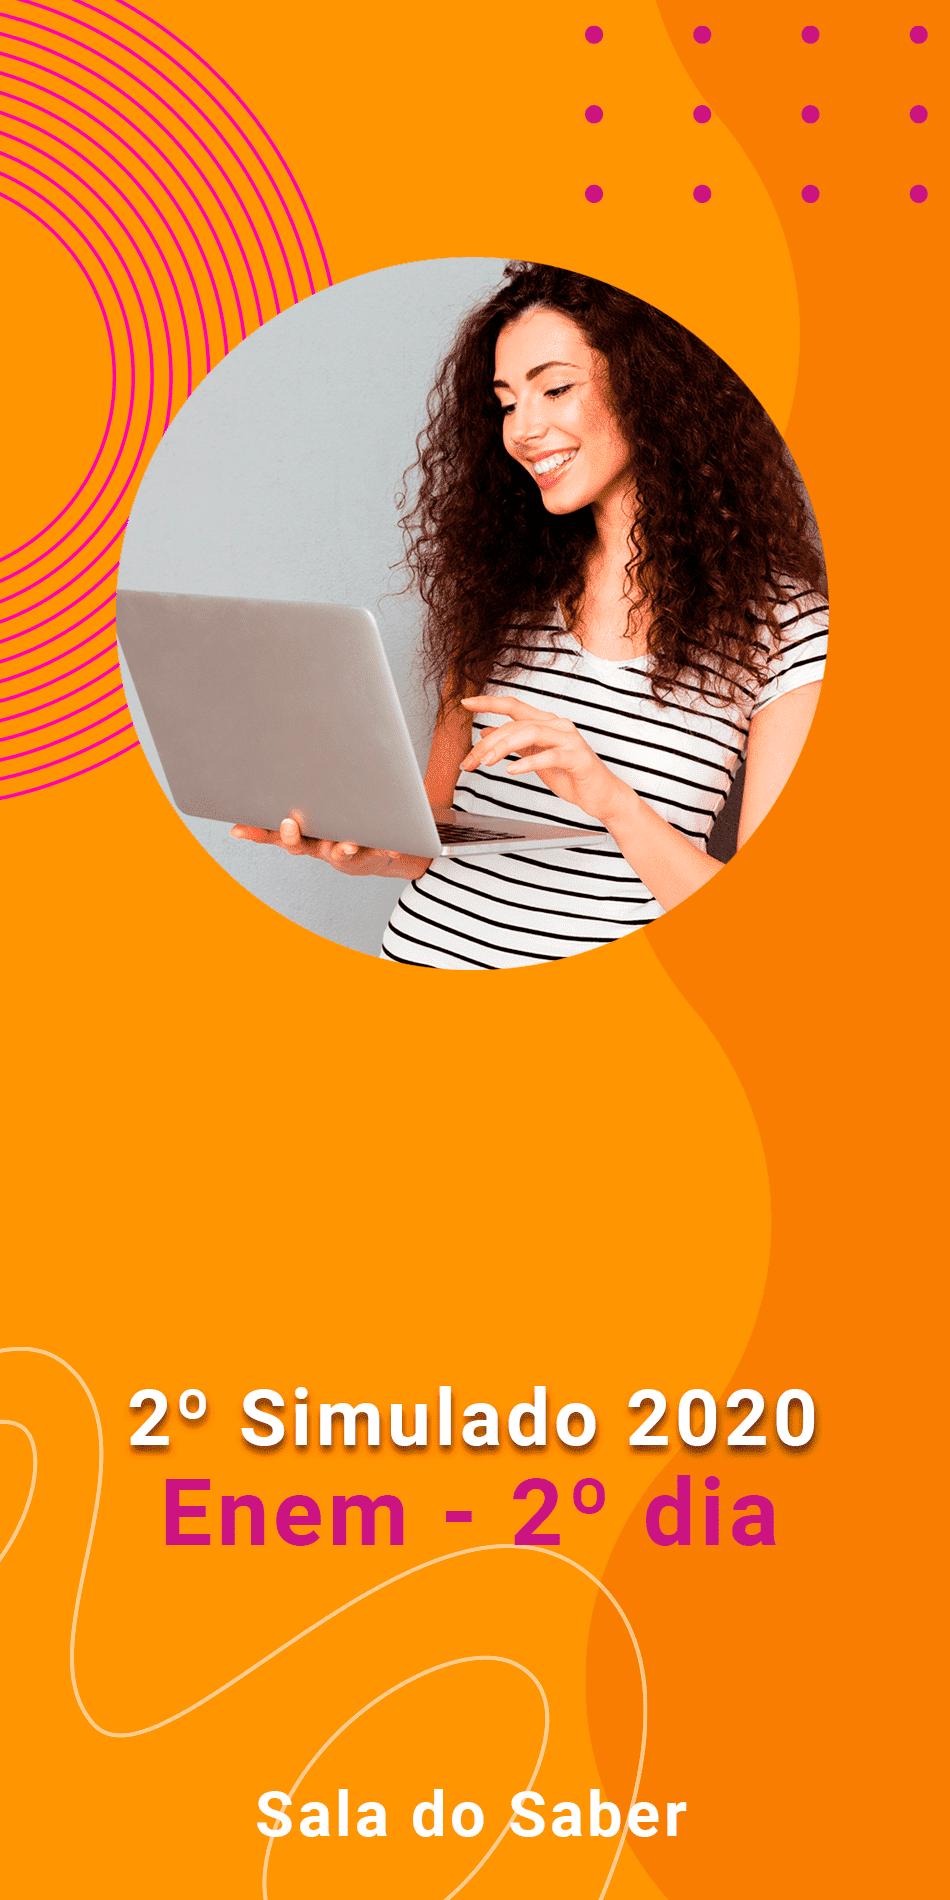 SEGUNDO SIMULADO 2020 - 2º DIA